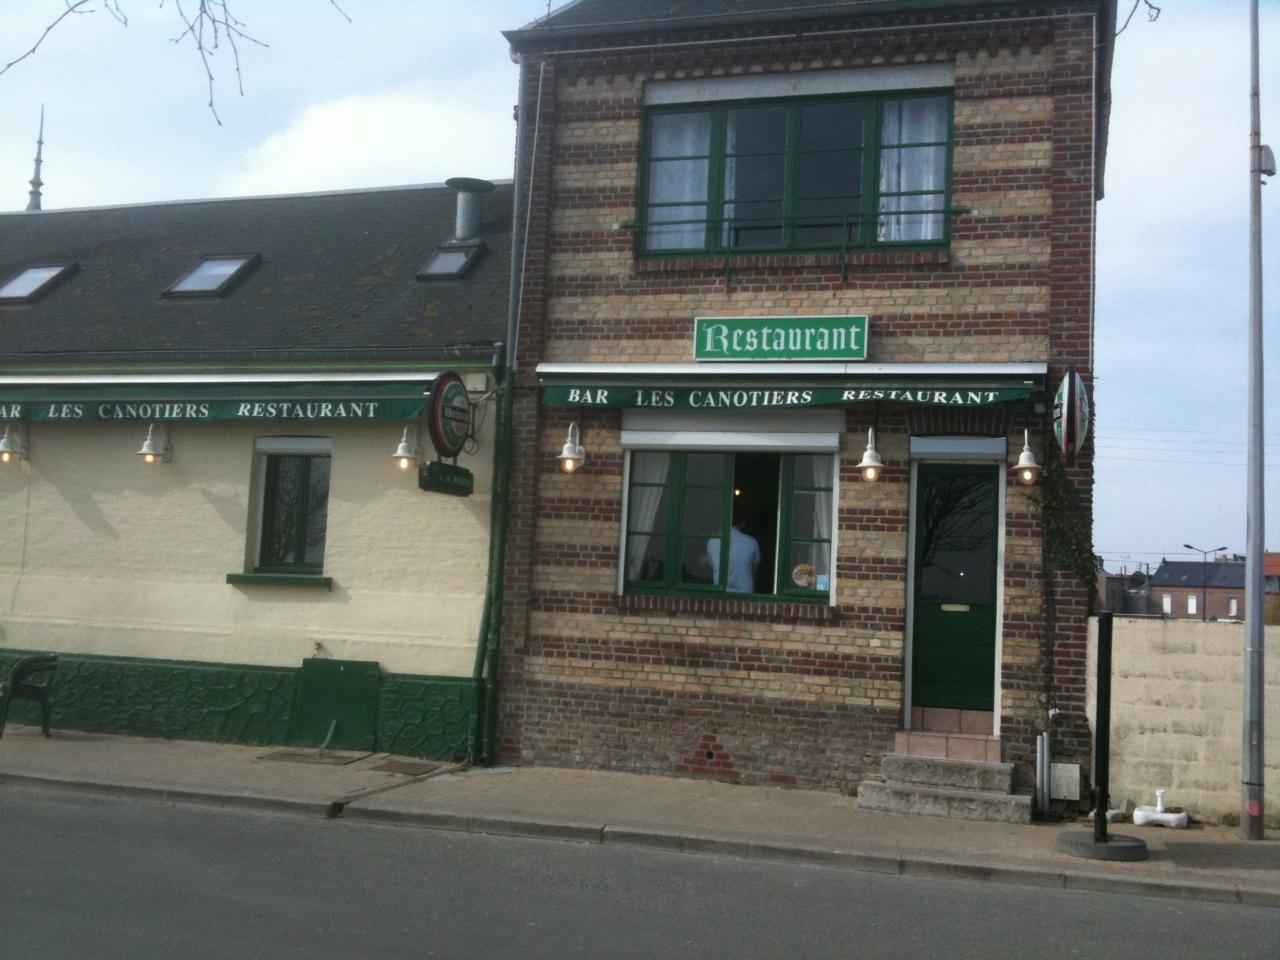 Restaurant les canotiers le crotoy 80550 - Restaurant du port le crotoy ...